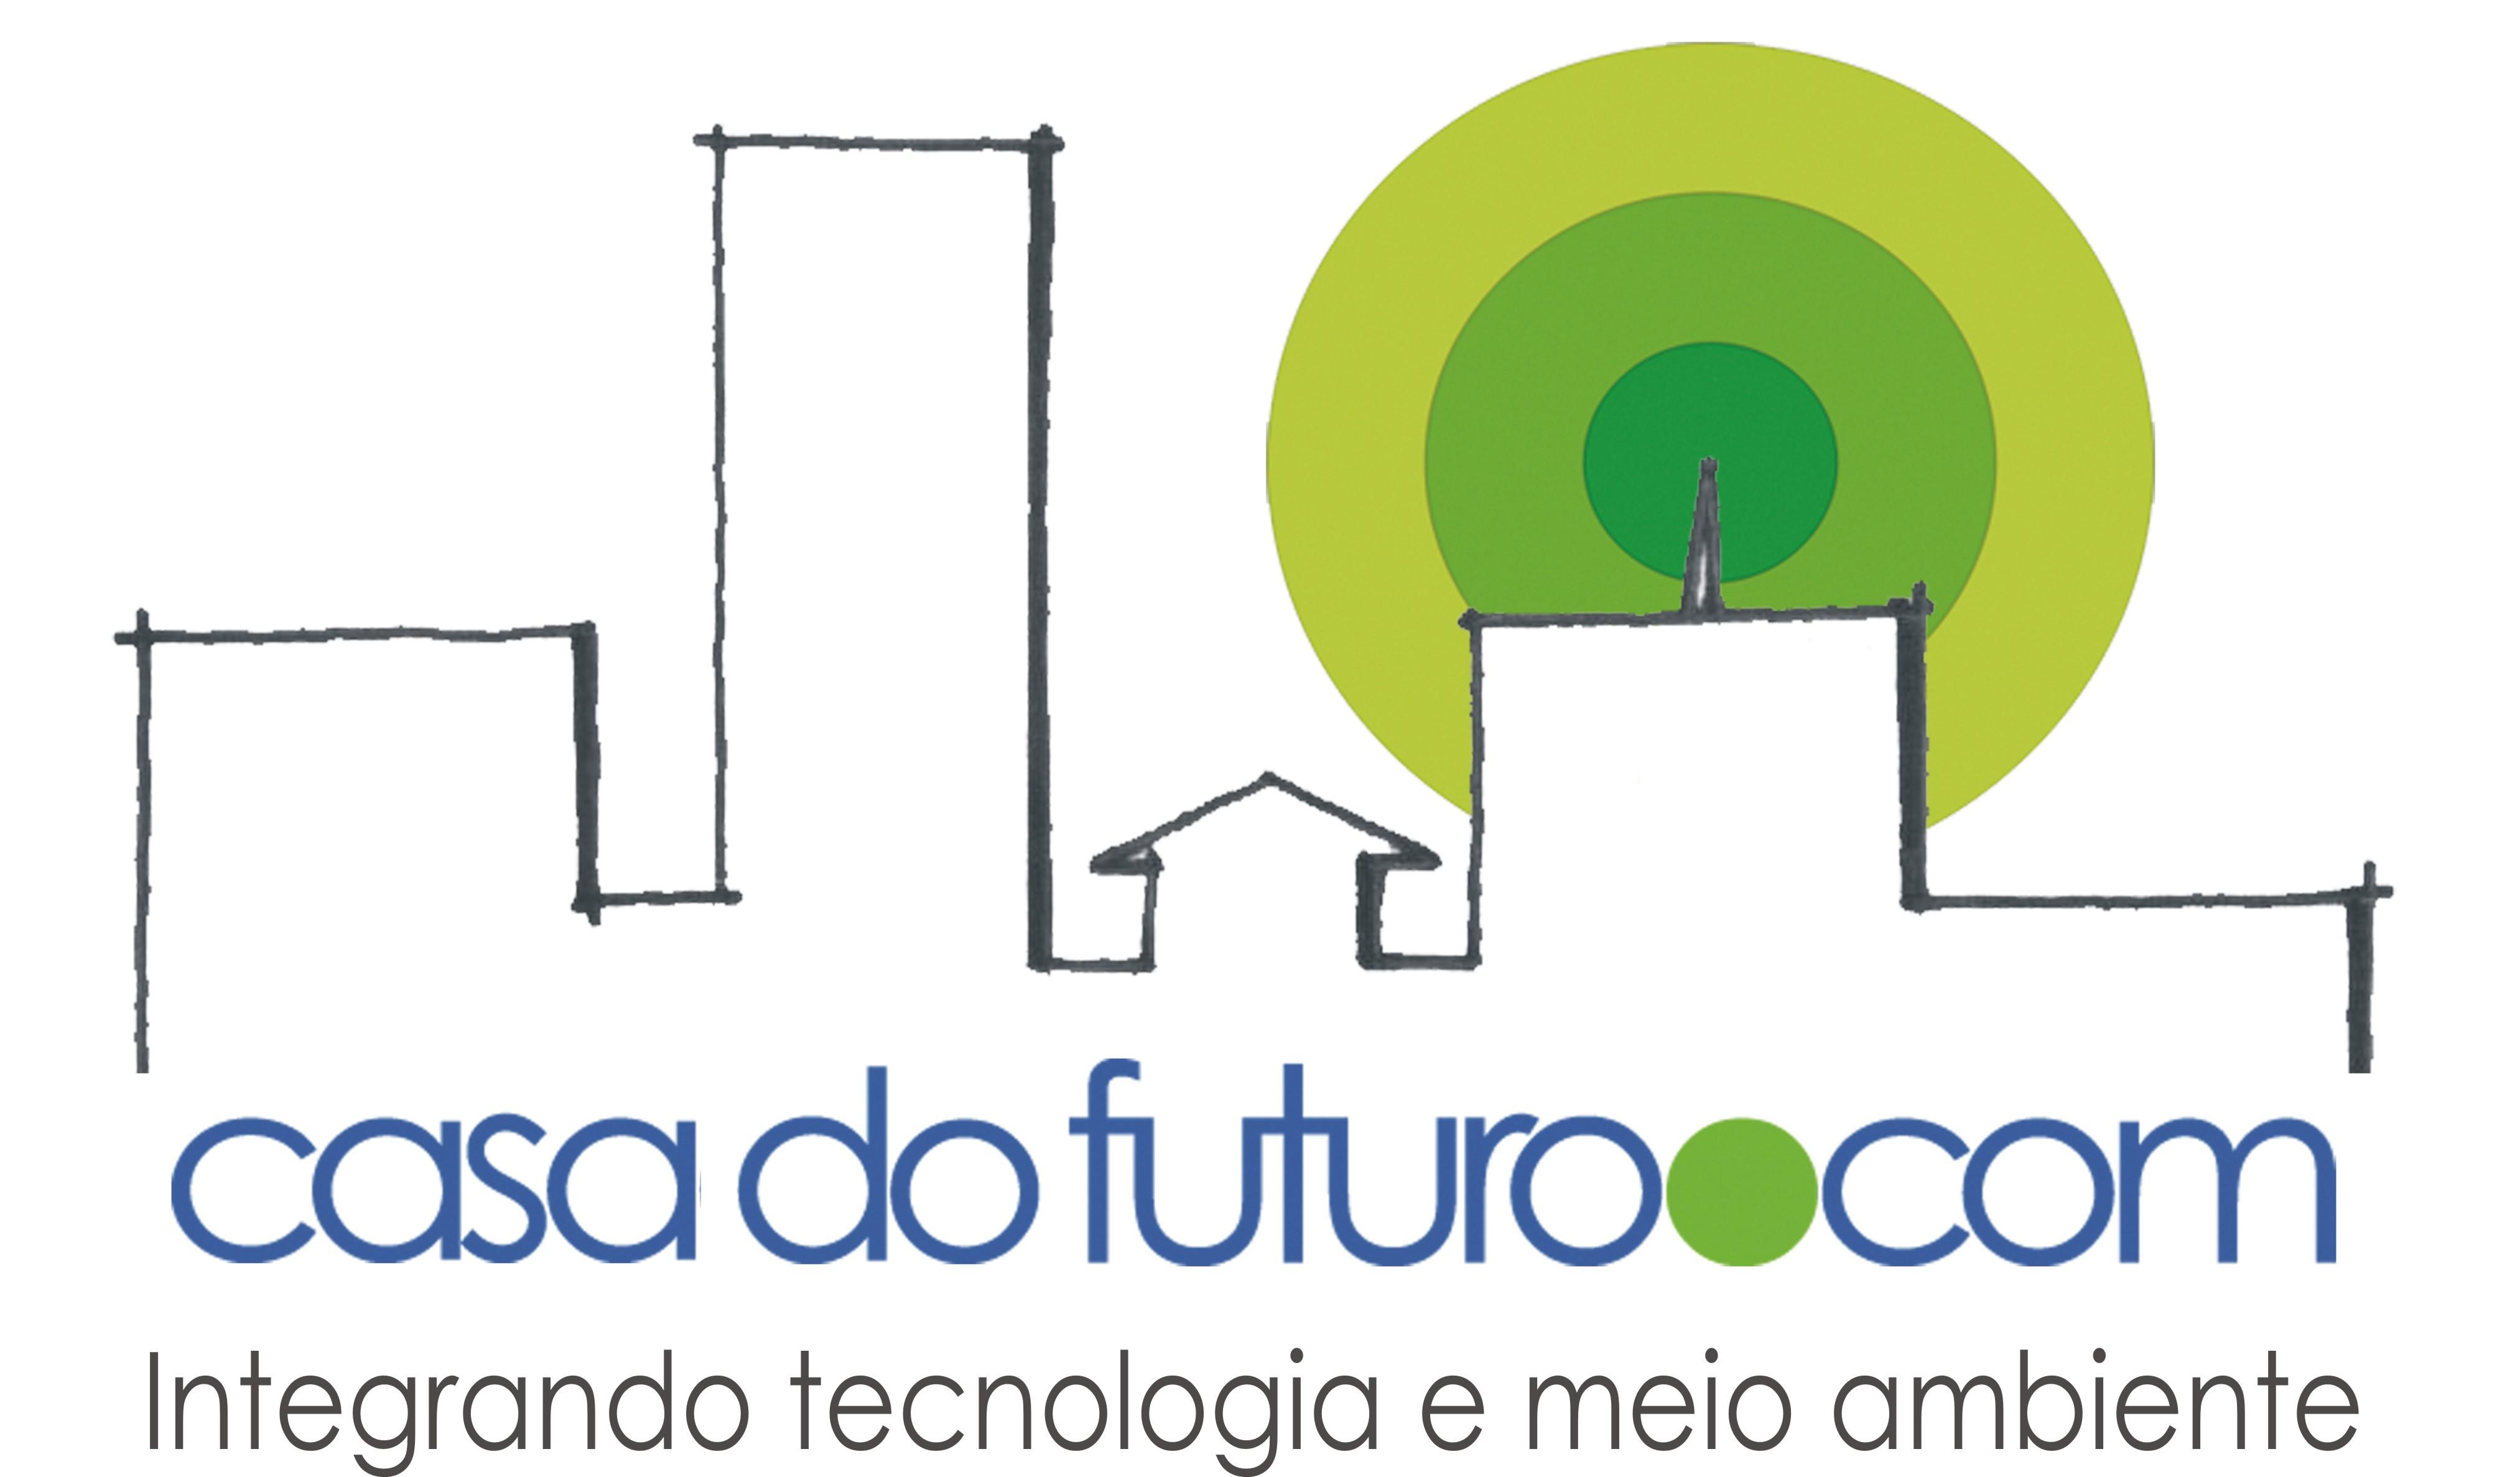 Novologo2011-integrando